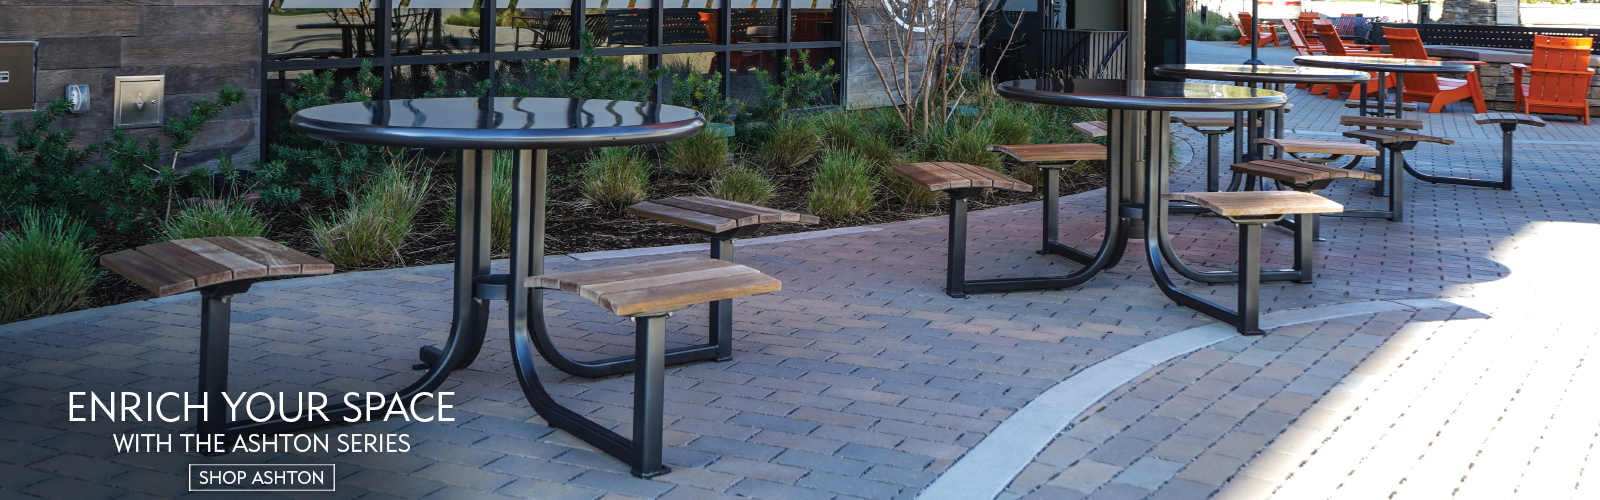 ashton outdoor table